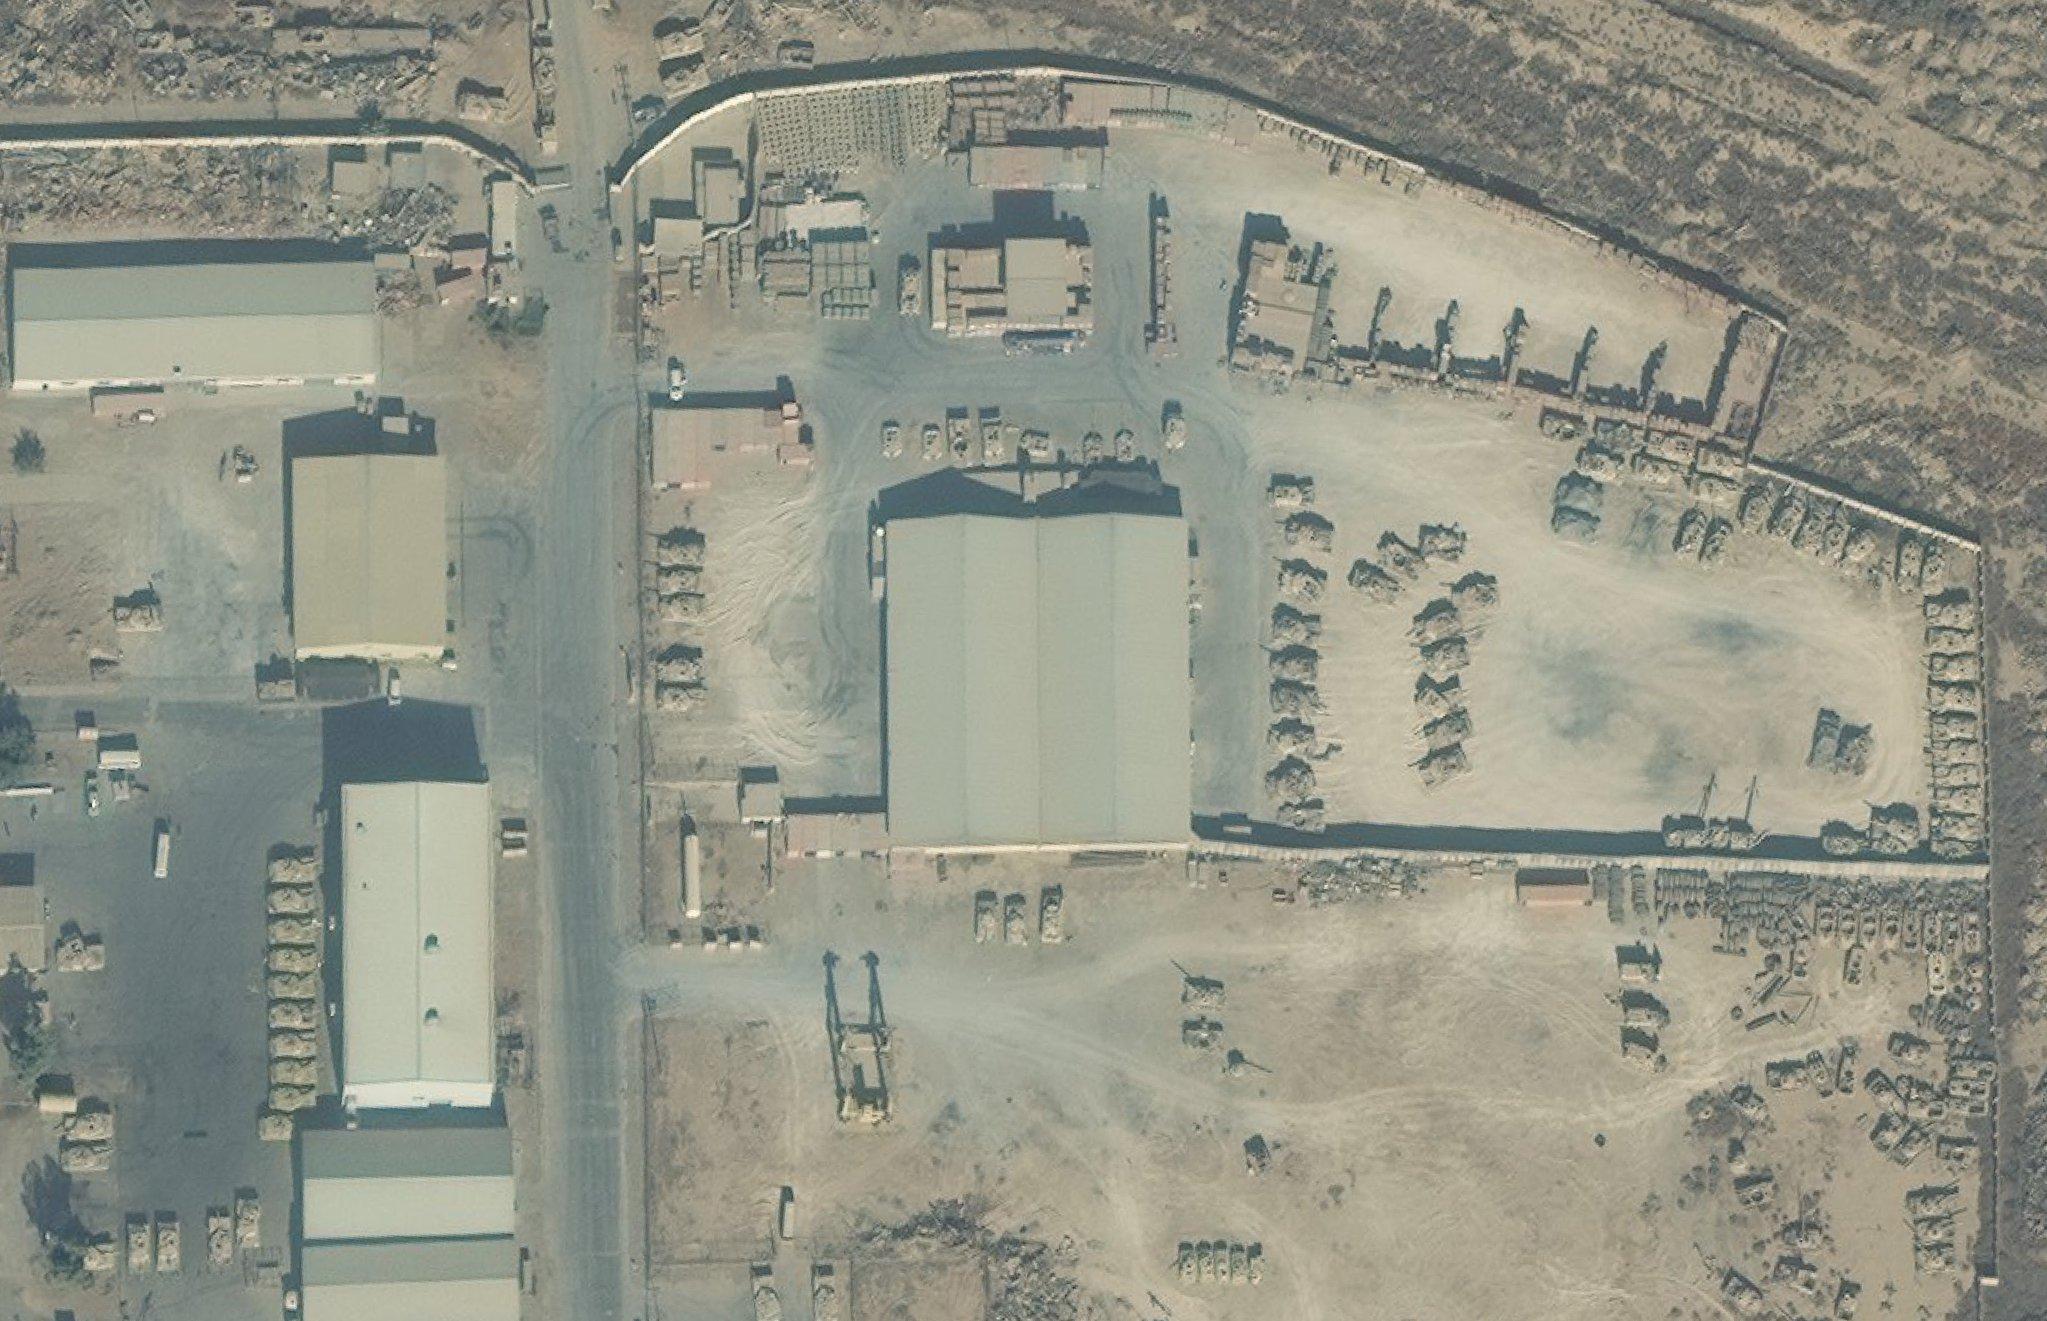 Скопище танков M1A1M Abrams на базе 9-й бронетанковой дивизии иракской армии в Таджи.